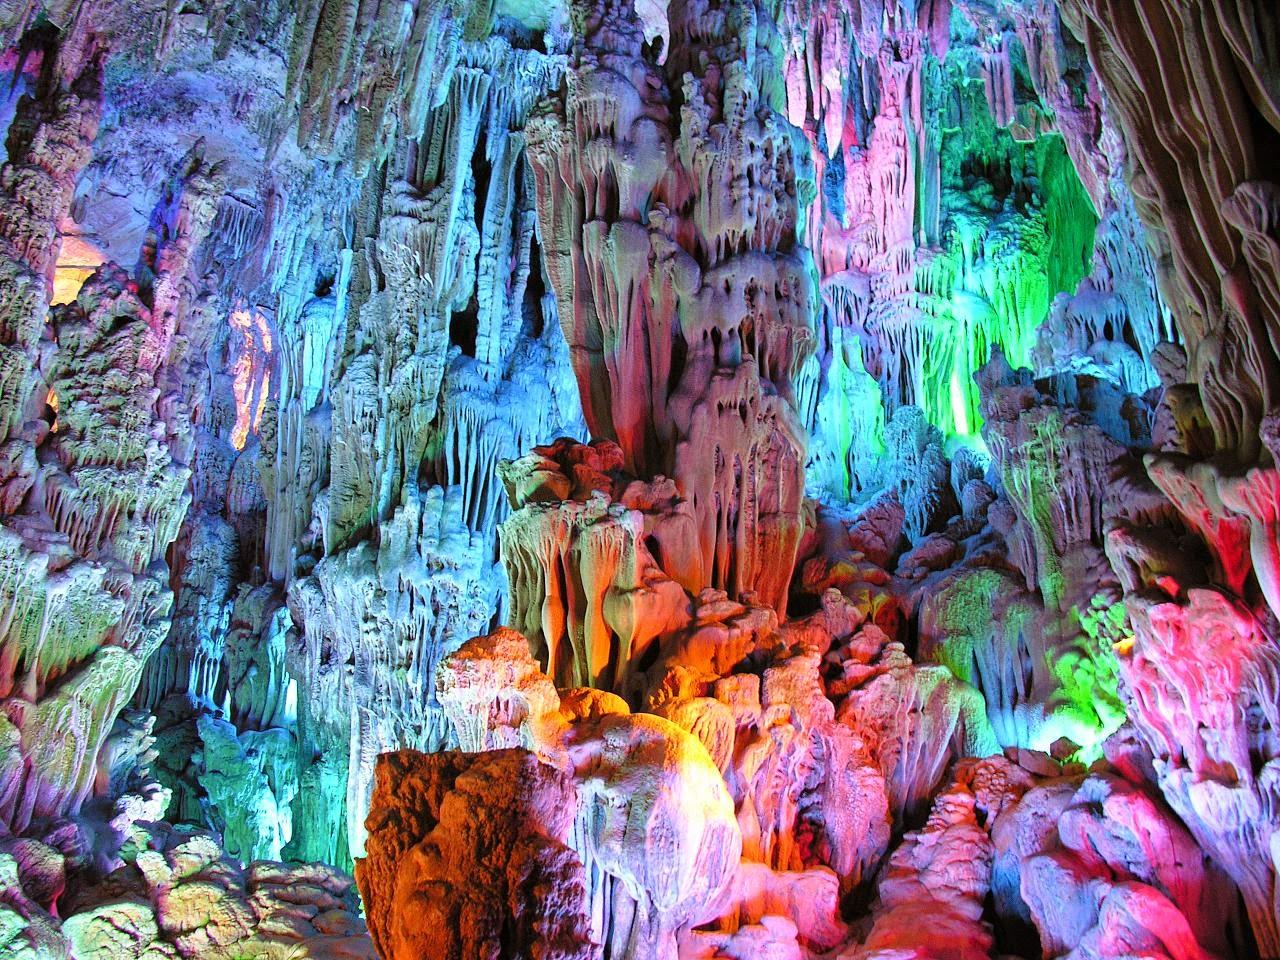 من عجائب خلق الله كهف الالوان السبعة Reed-flute-cave-images